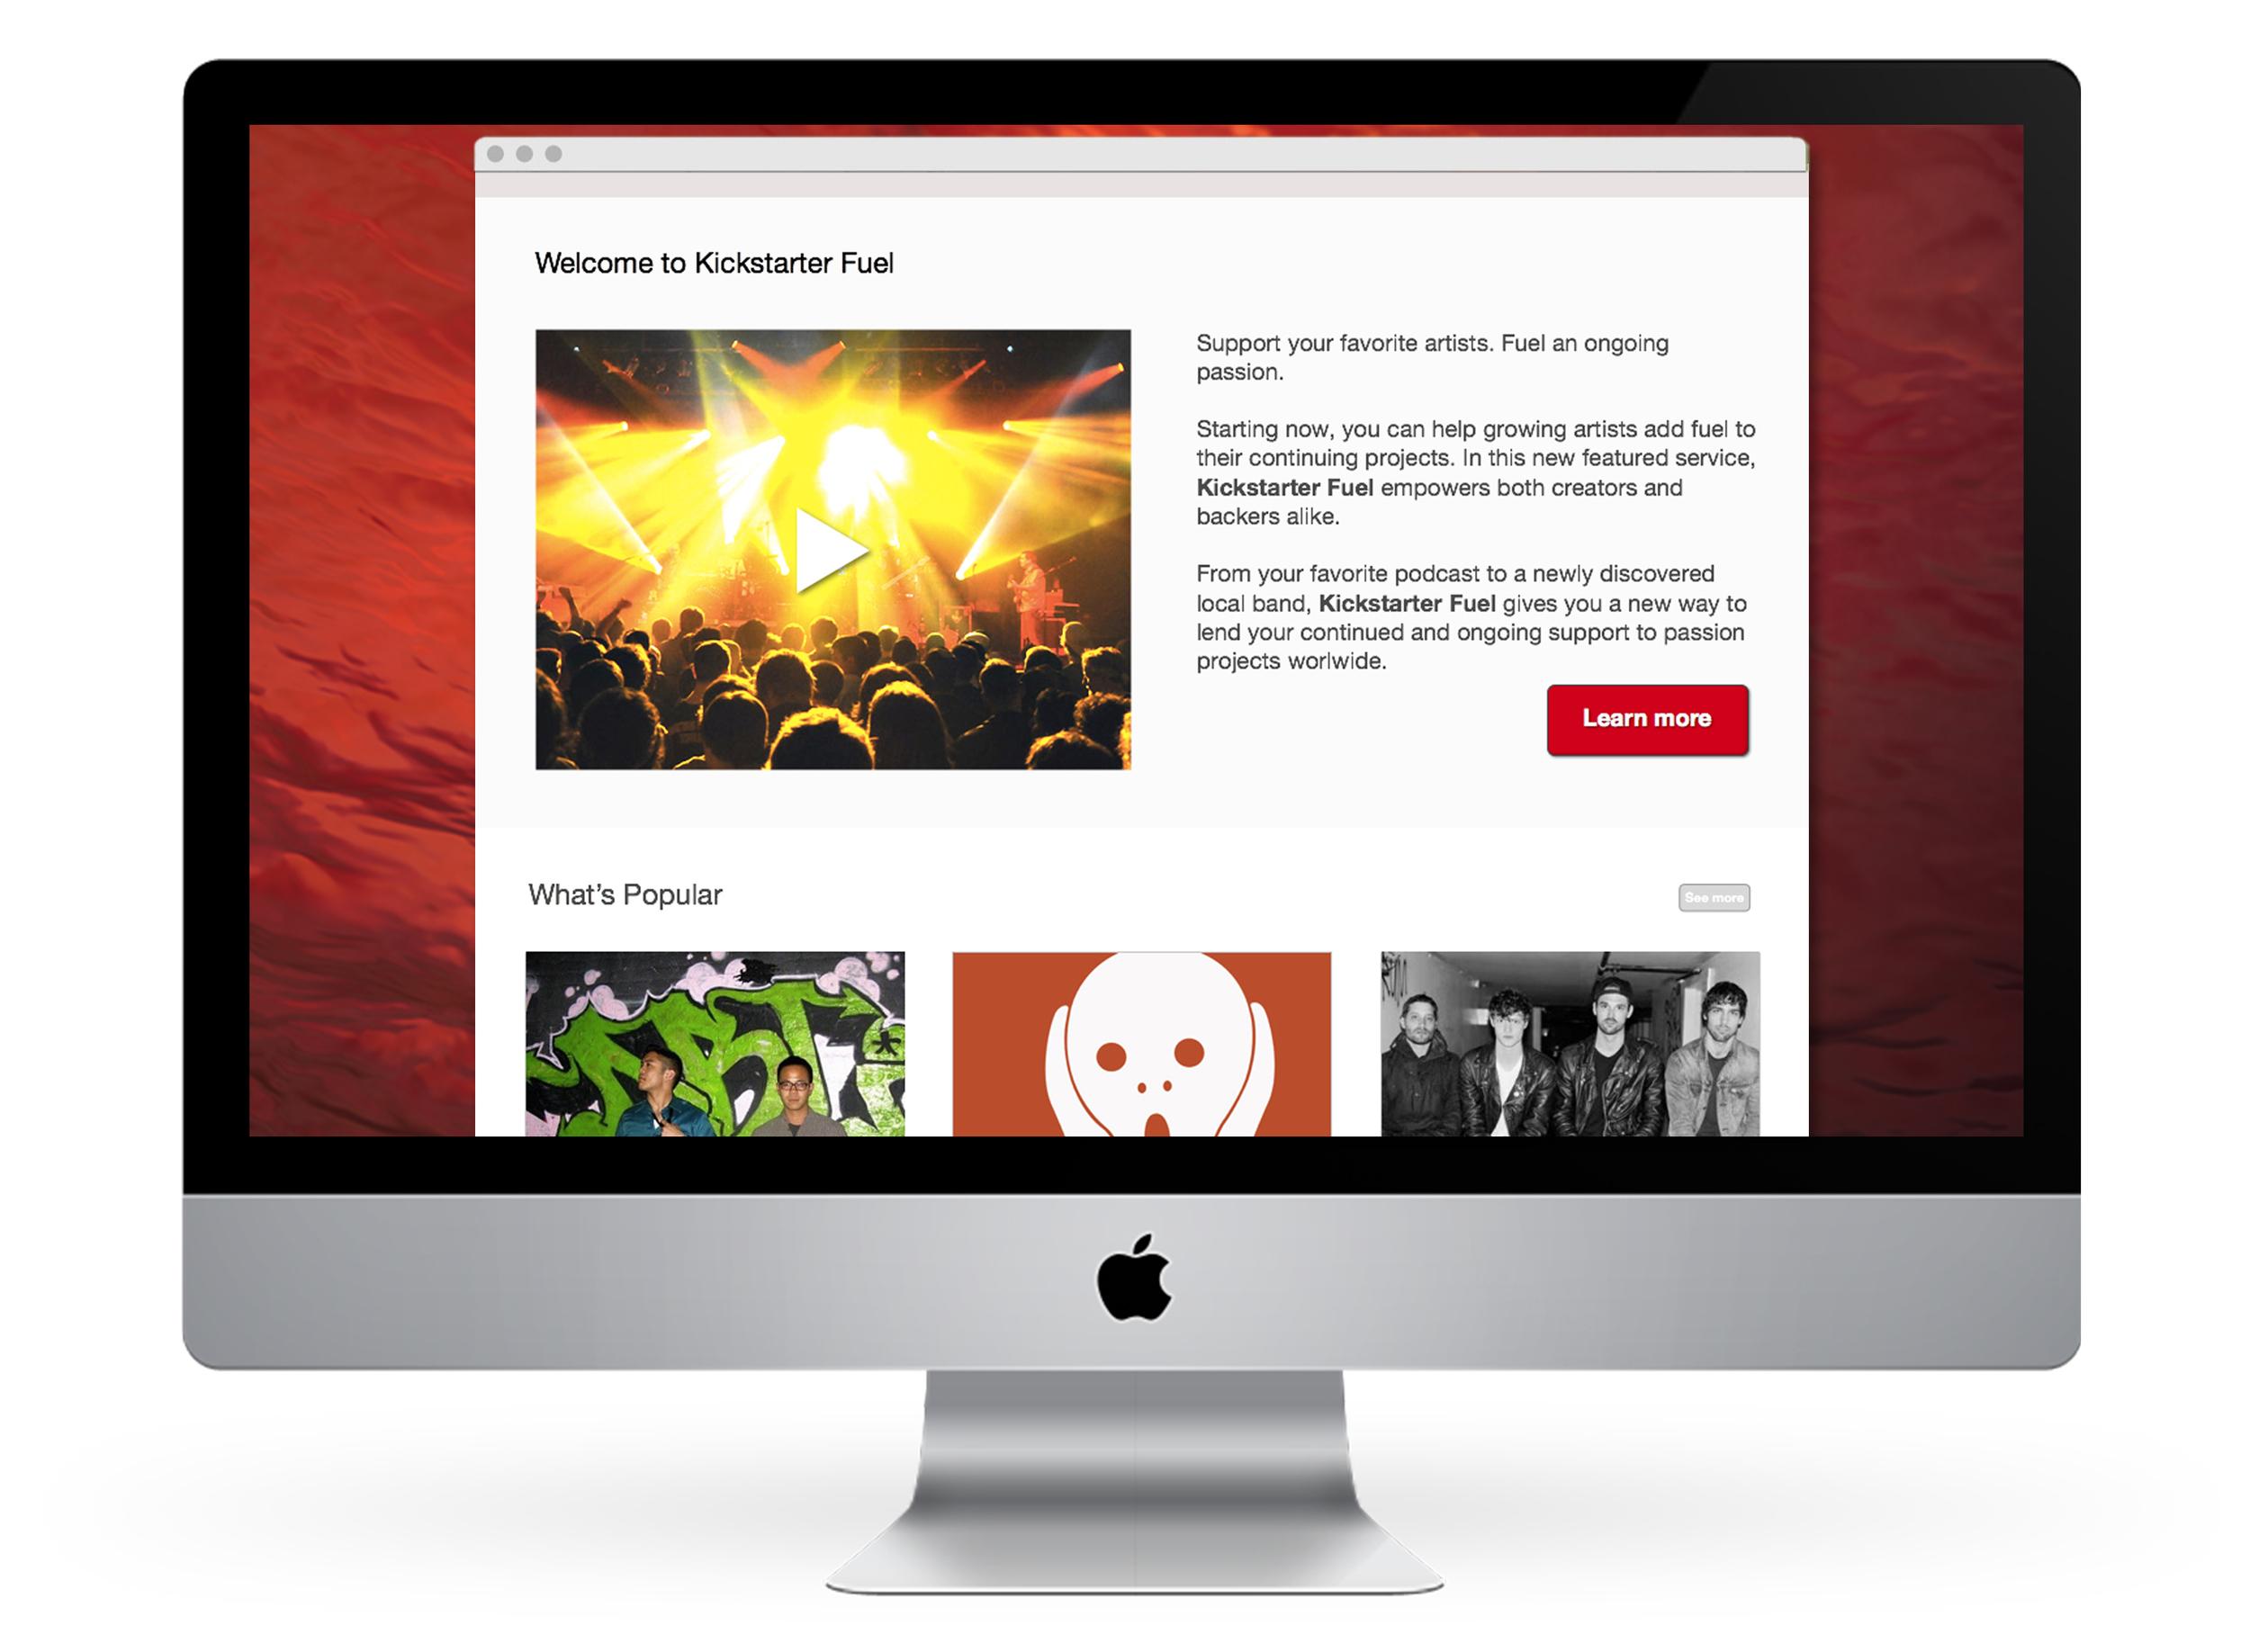 _UXDI_P03_Screen_04.jpg